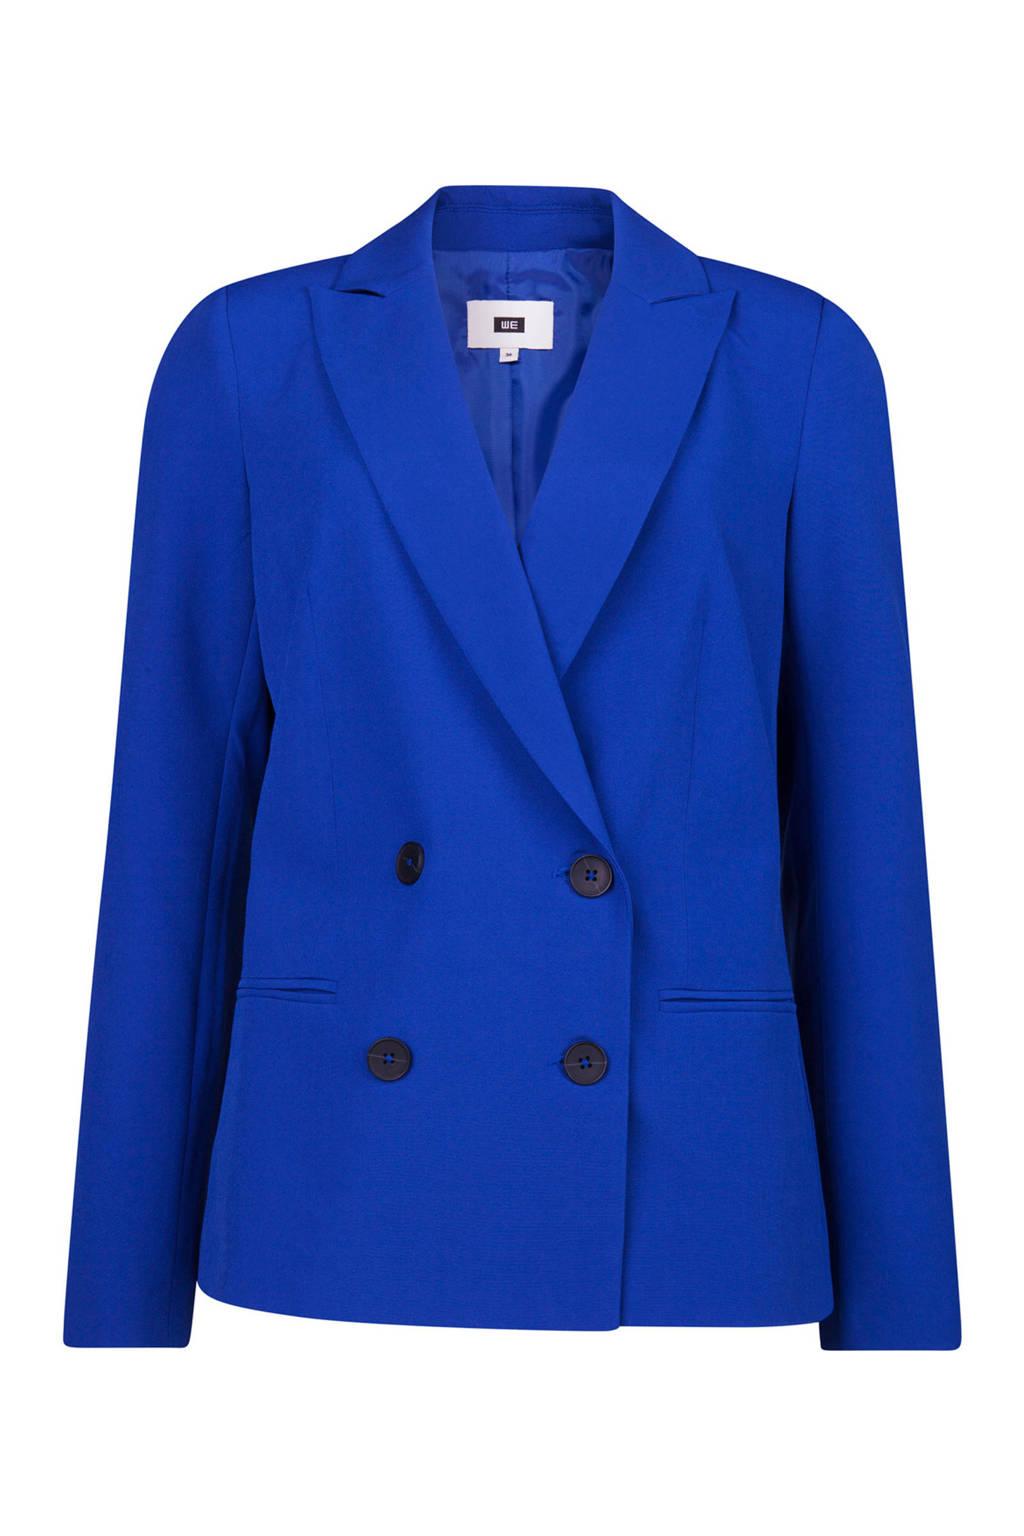 WE Fashion blazer kobaltblauw, Kobaltblauw